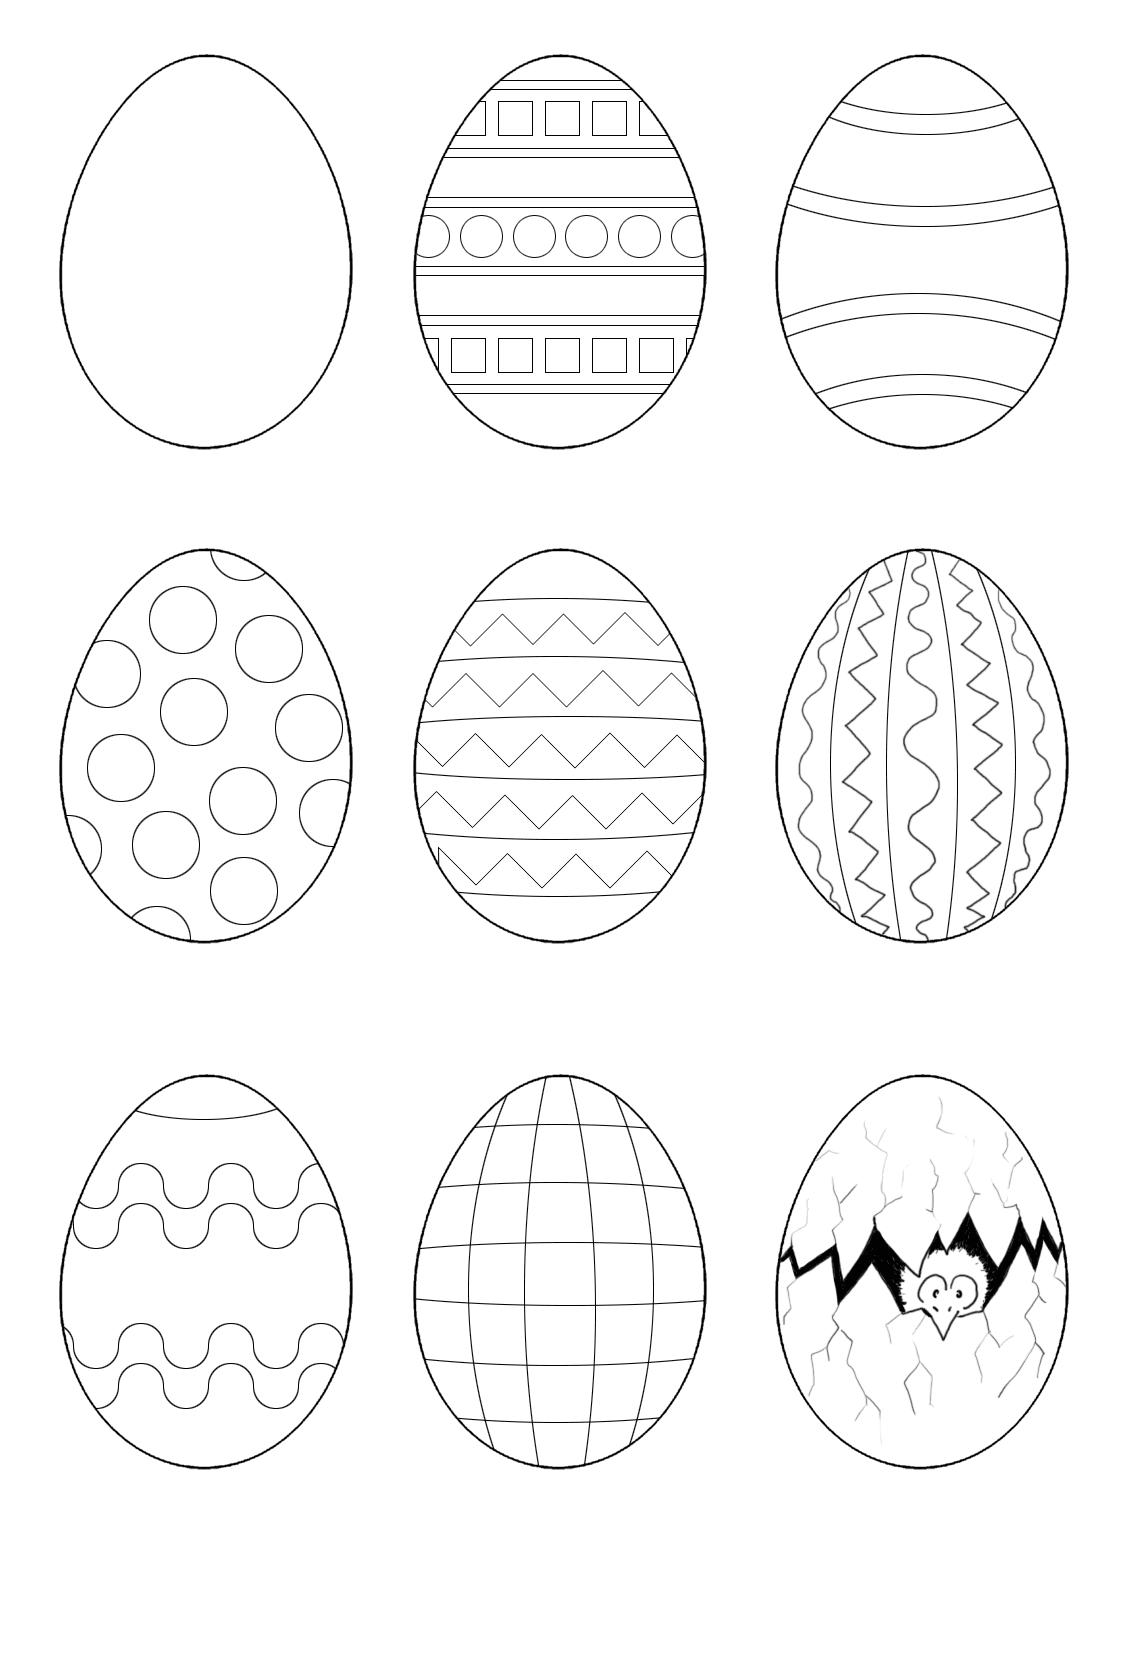 Osterei Malvorlagen | Ostern Zeichnung, Osterei Ausmalbild verwandt mit Ostereier Ausmalbilder